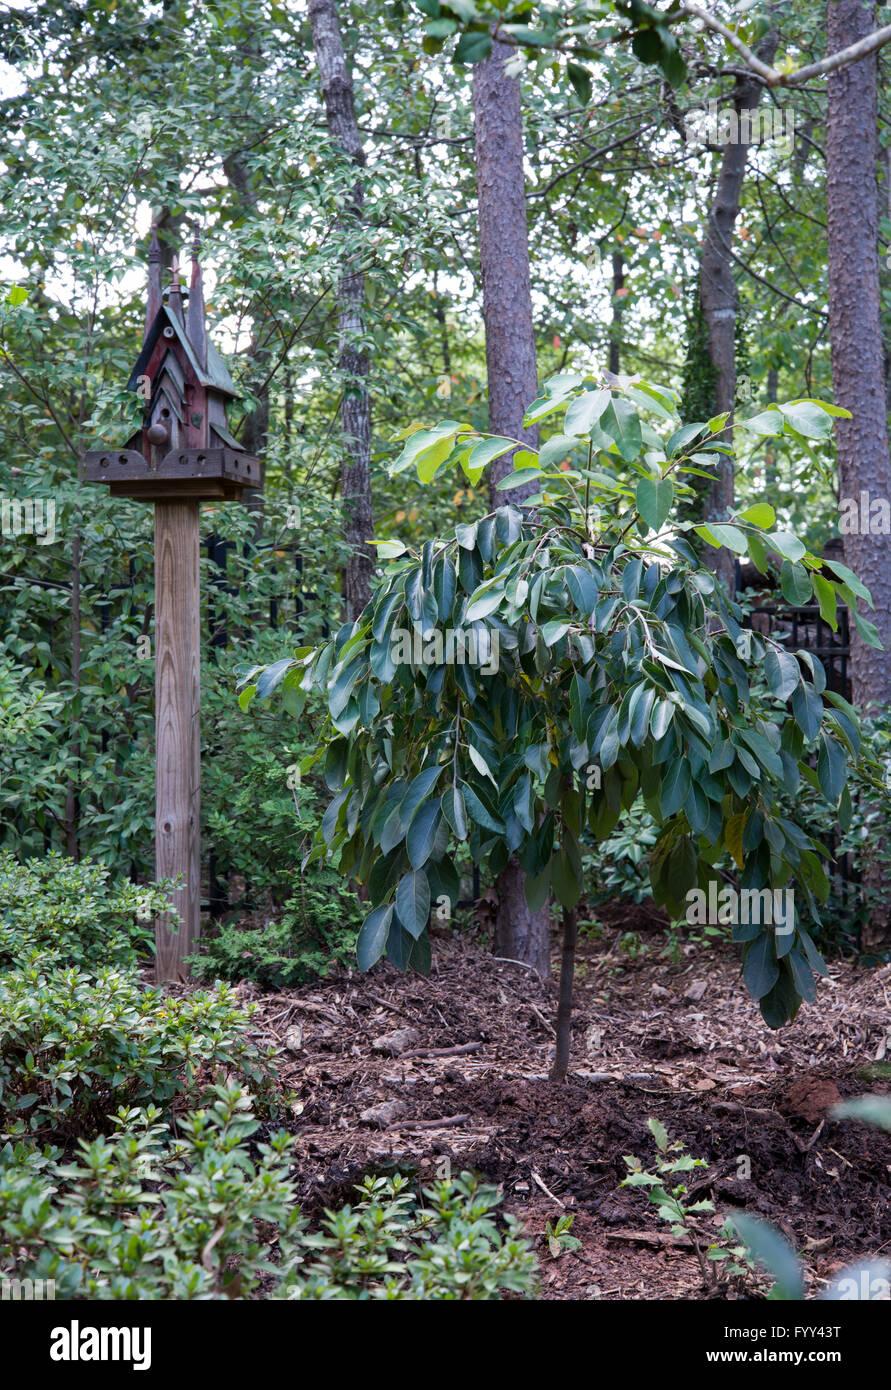 Diospyros virginiana, Fuente Mágica,llorando, árbol de caqui Imagen De Stock